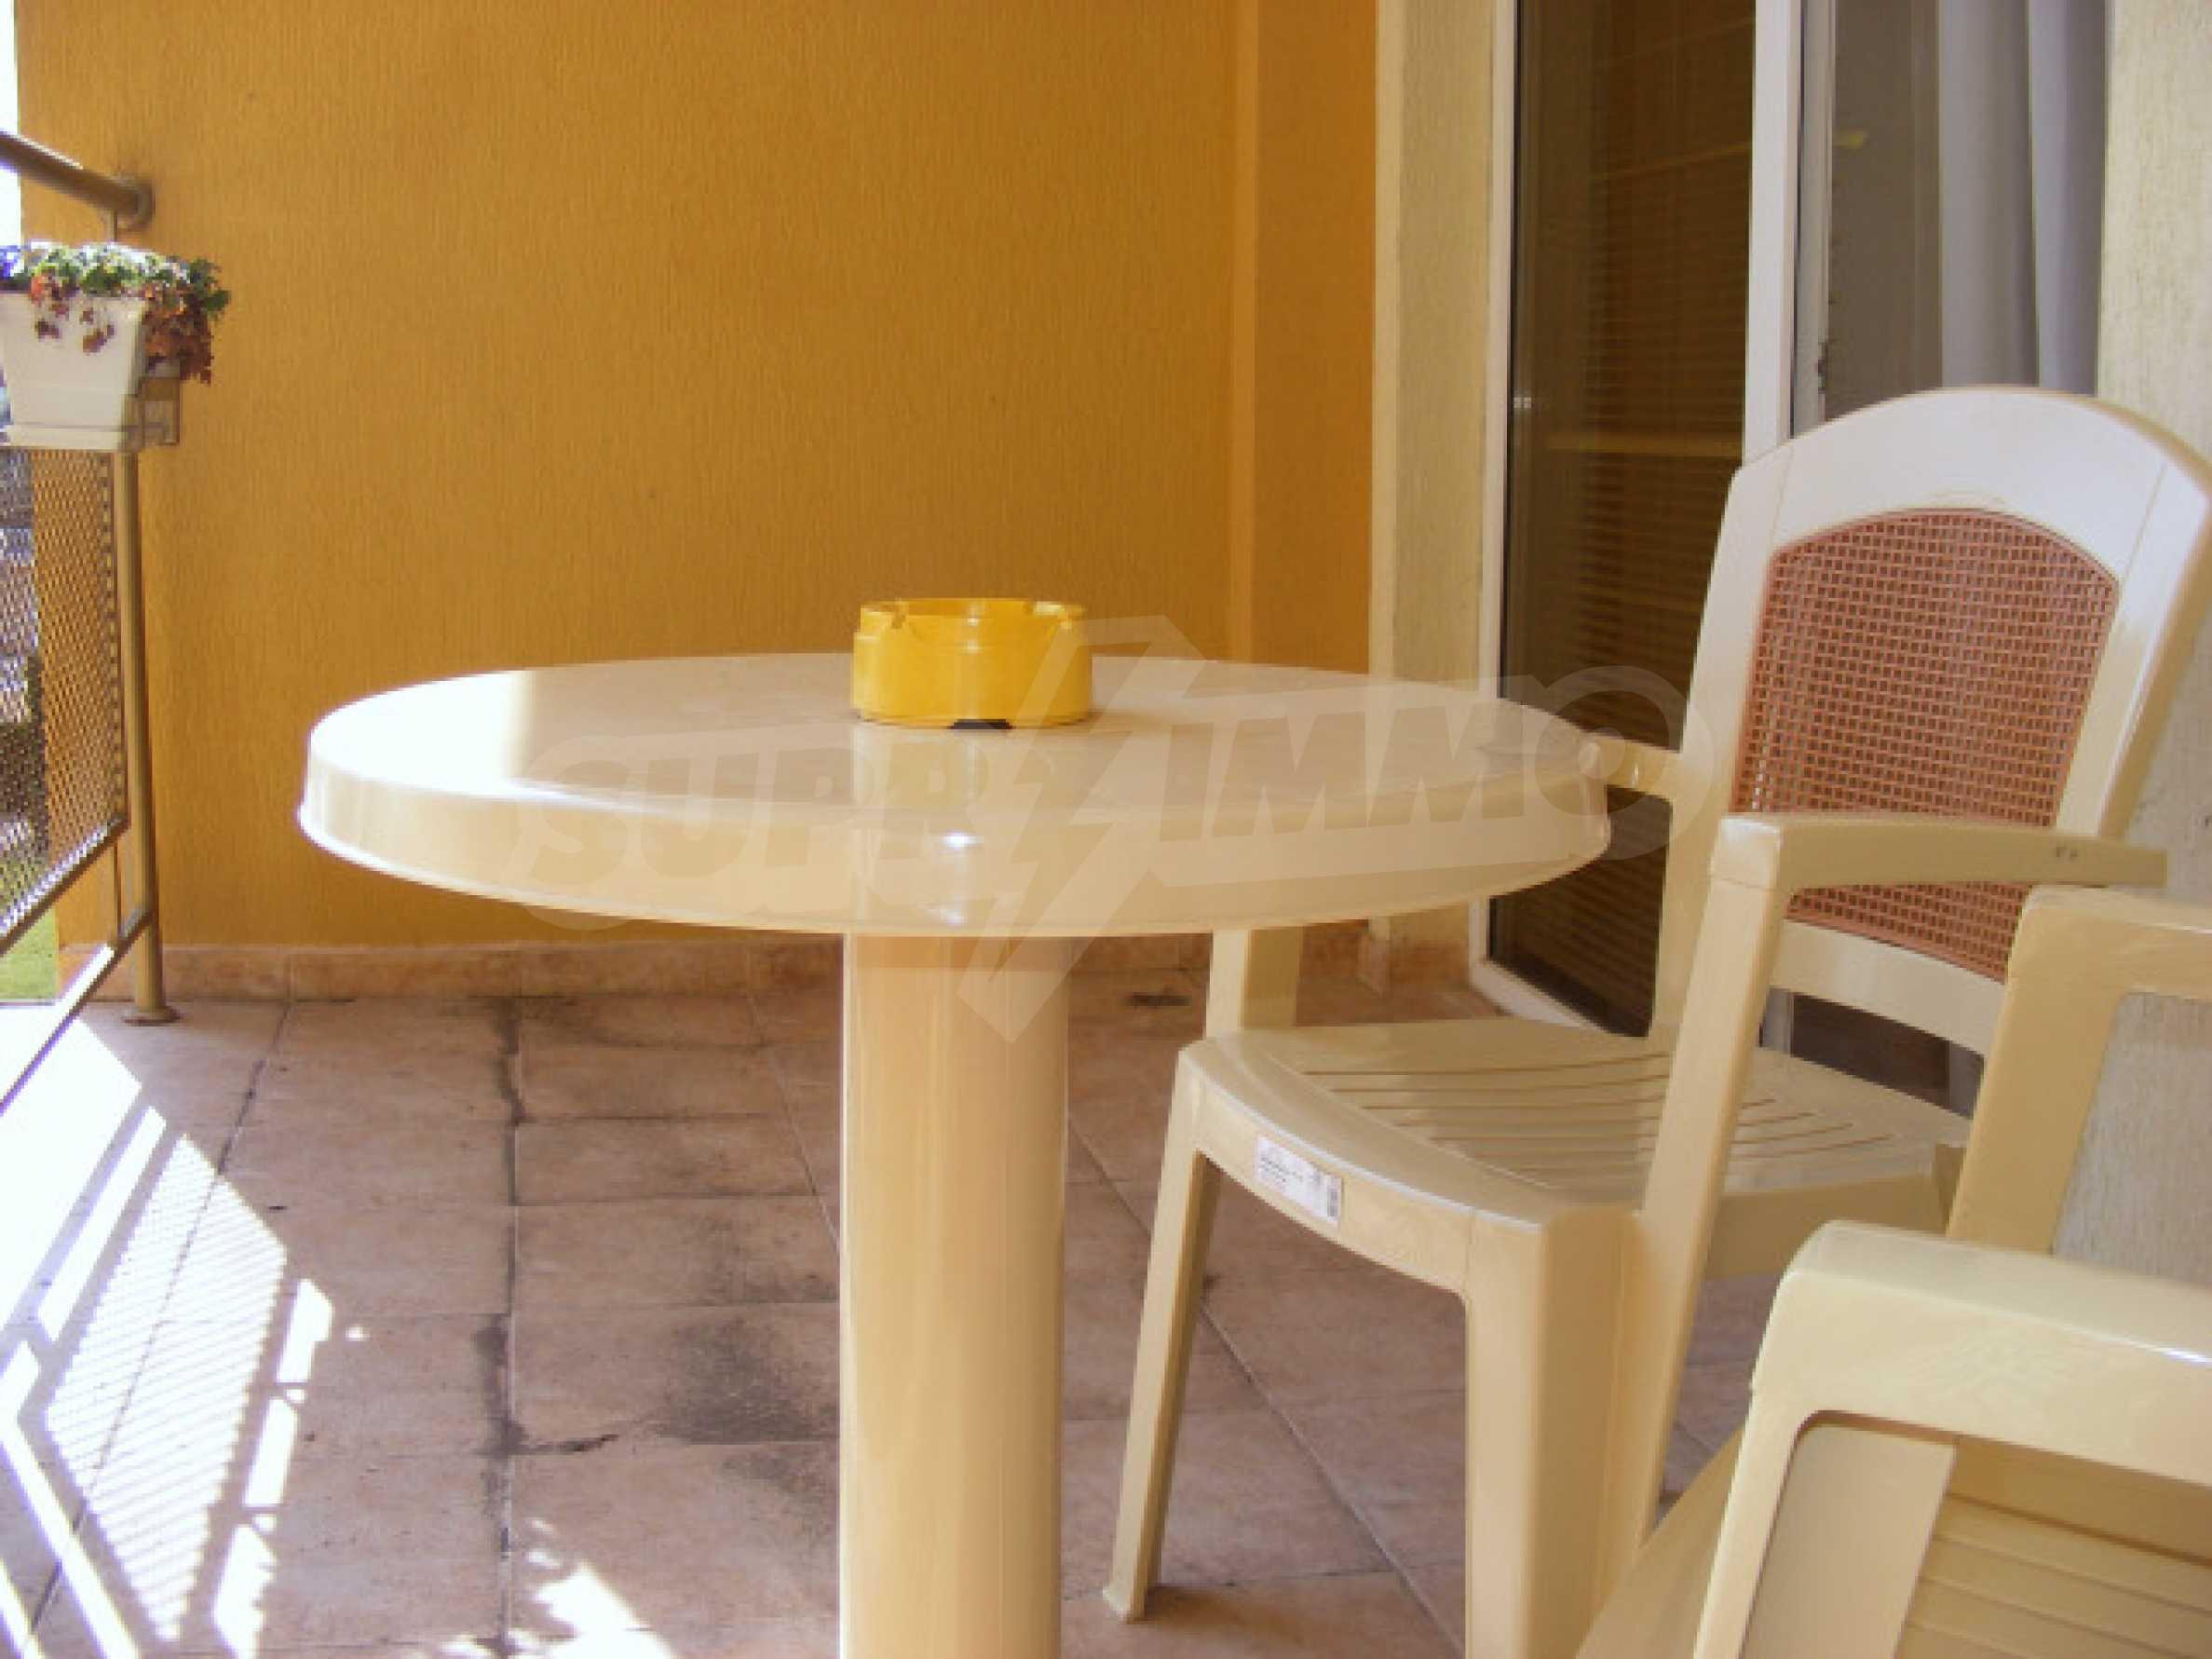 Напълно обзаведен двустаен апартамент в кк. Златни пясъци, с Морска панорама 9